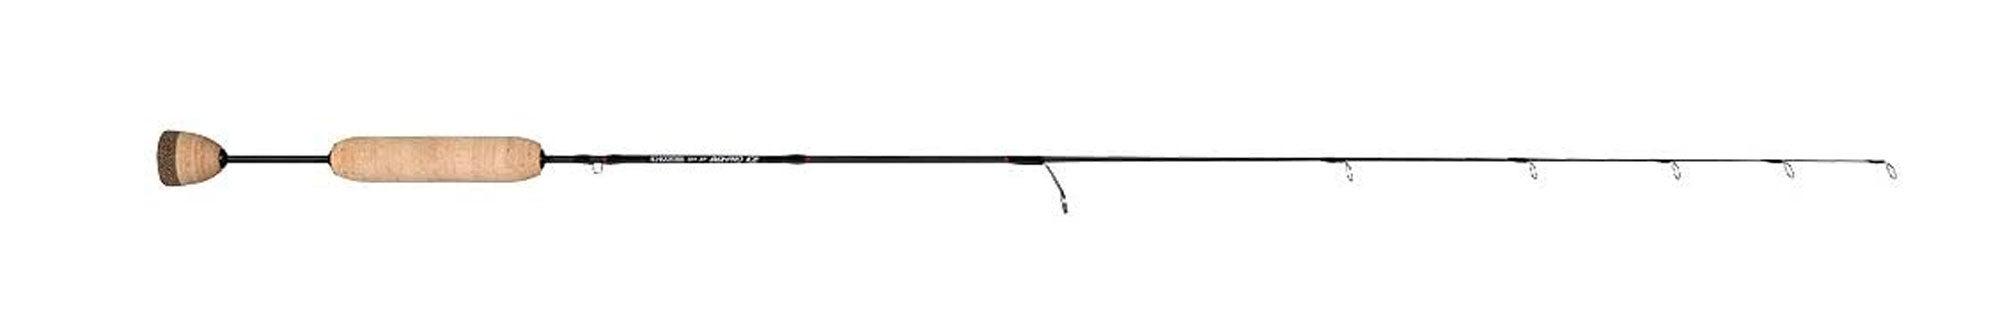 G. Loomis IMX-Pro Ice Rod 331 F